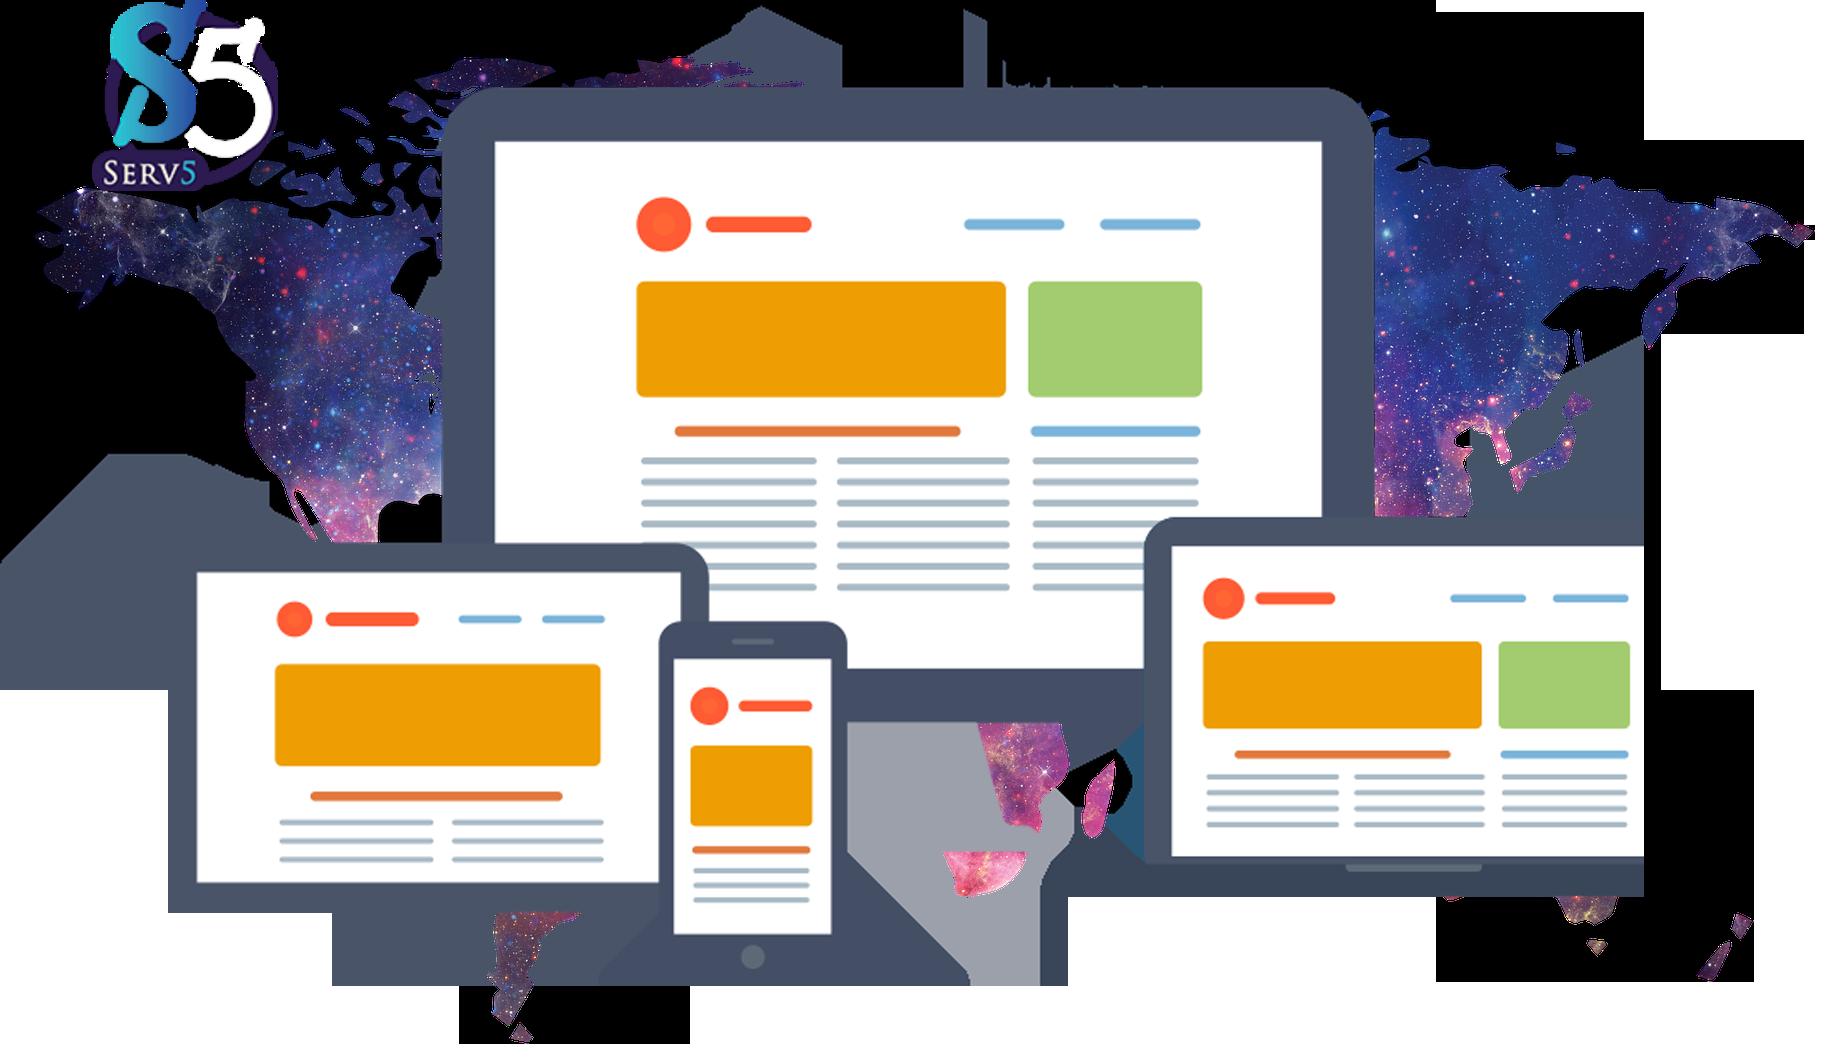 Website interface design - شركة تصميم واجهة موقع الكتروني